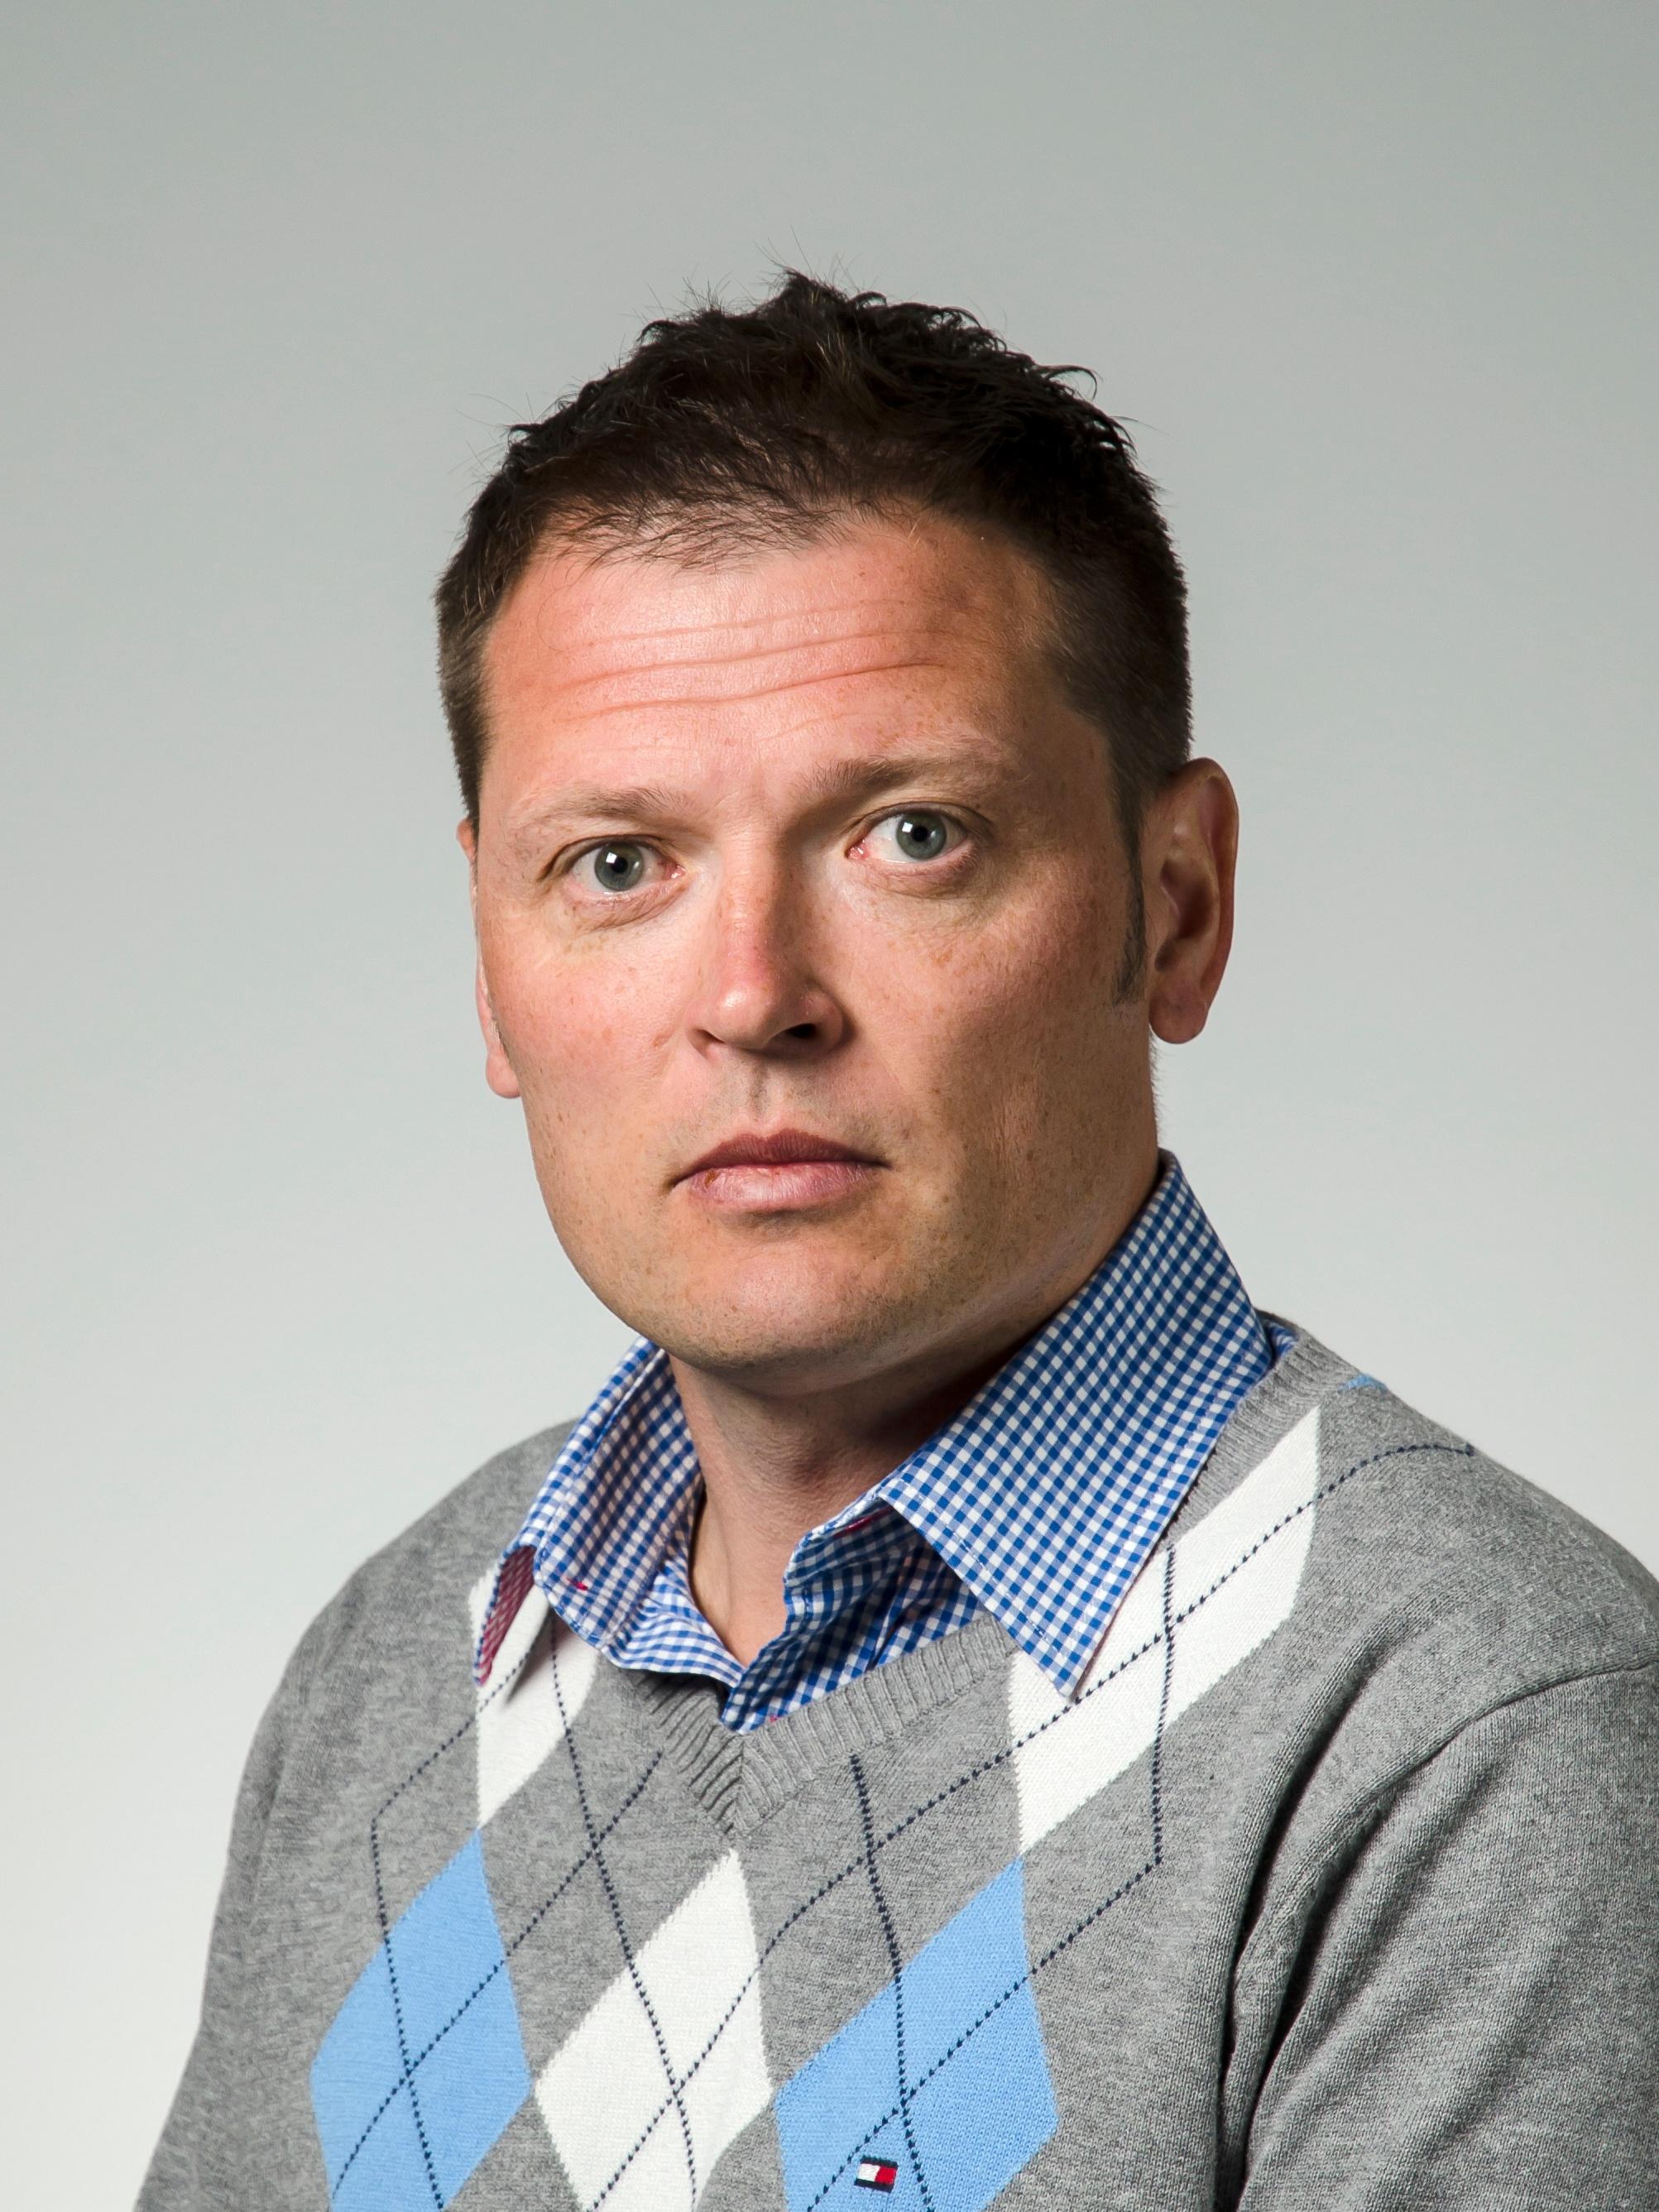 Sami Koskinen